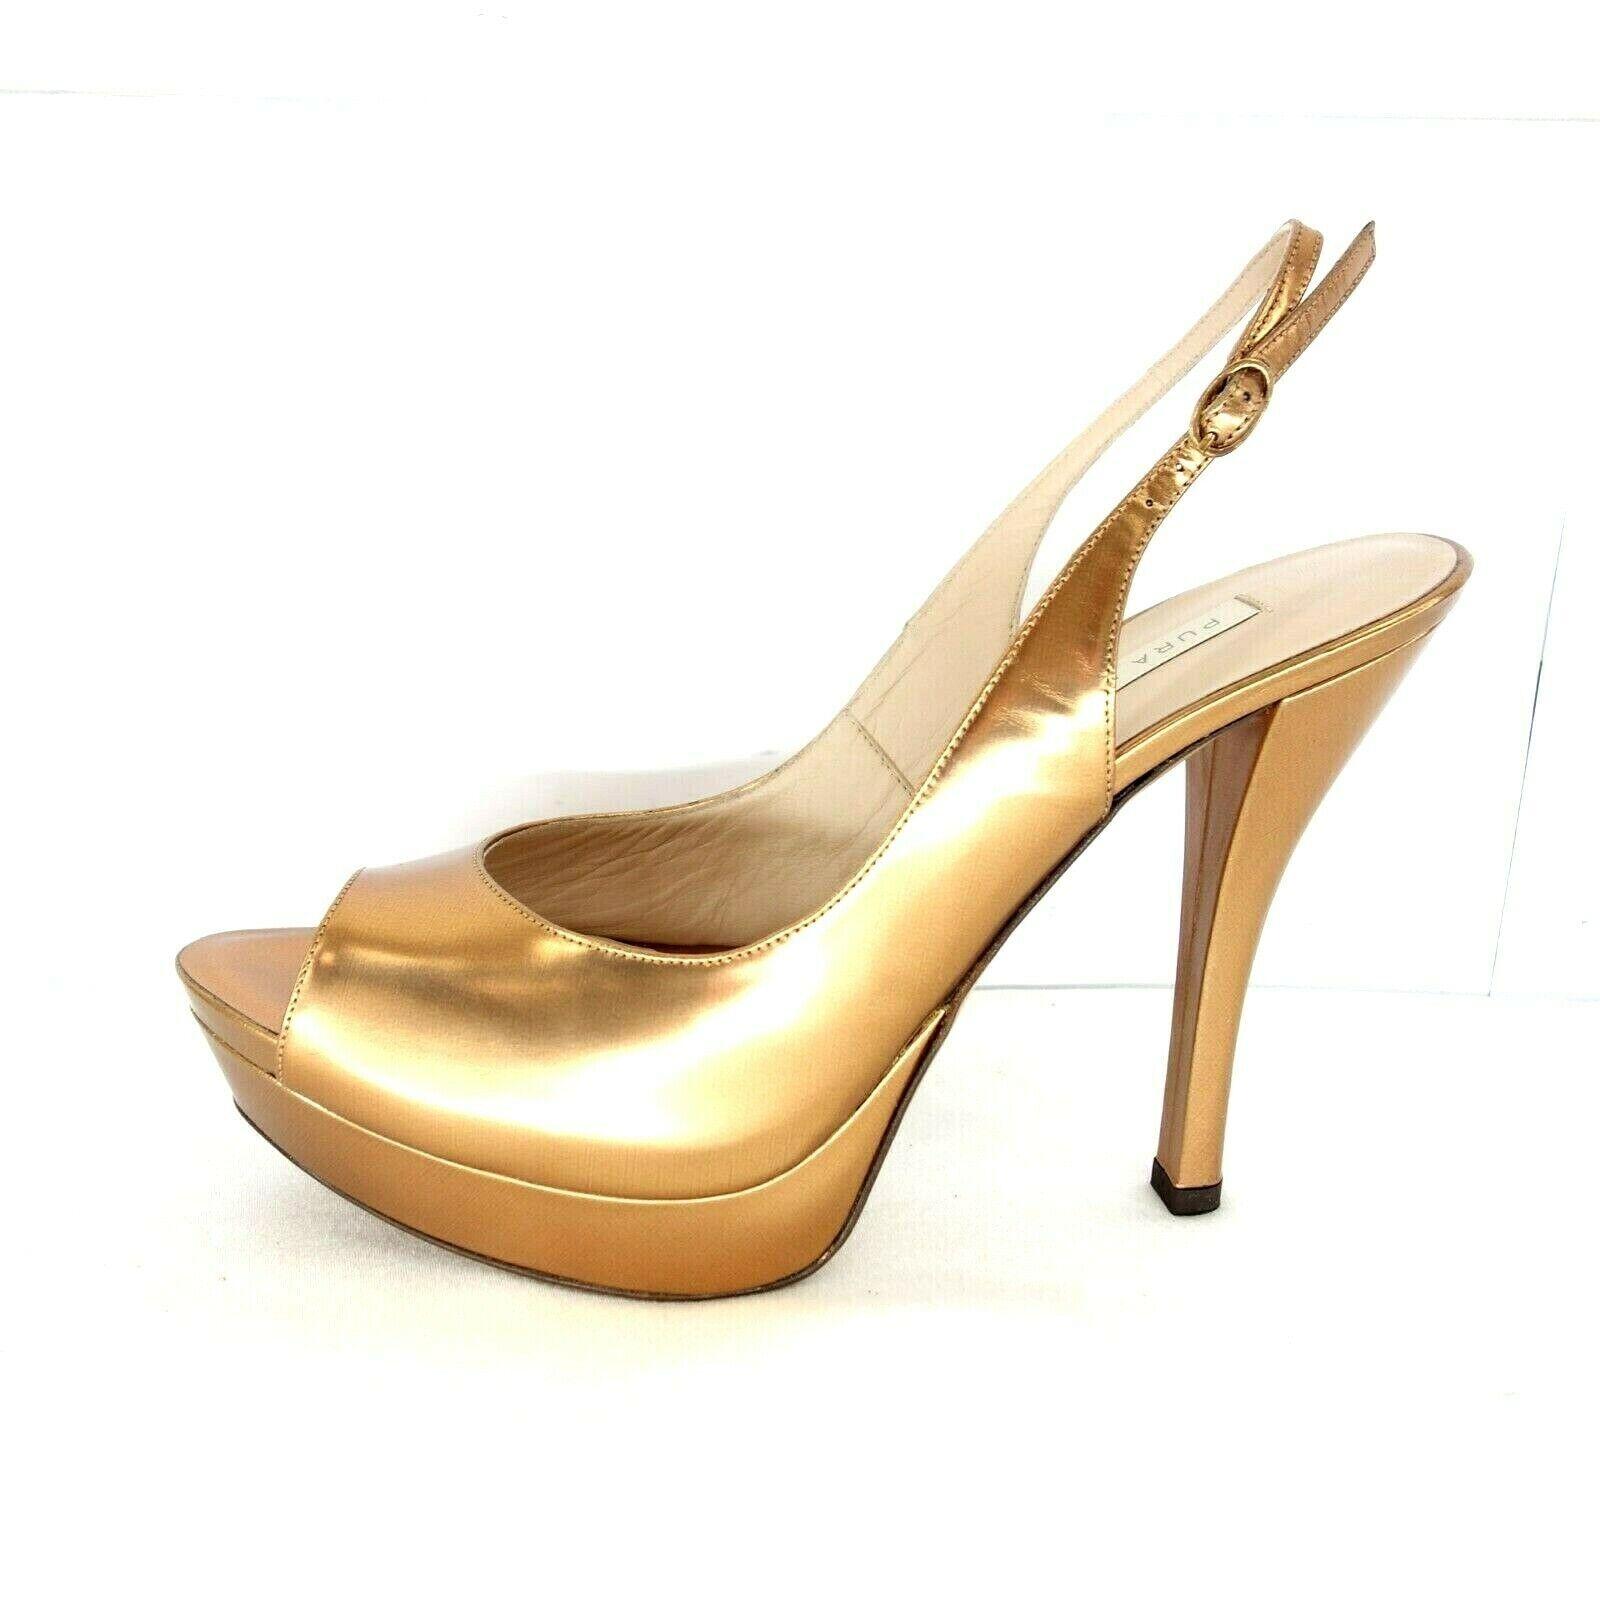 Pura Lopez Lopéz Chaussures Femmes Dames Escarpins Sandales Bronze Cuir Neuf